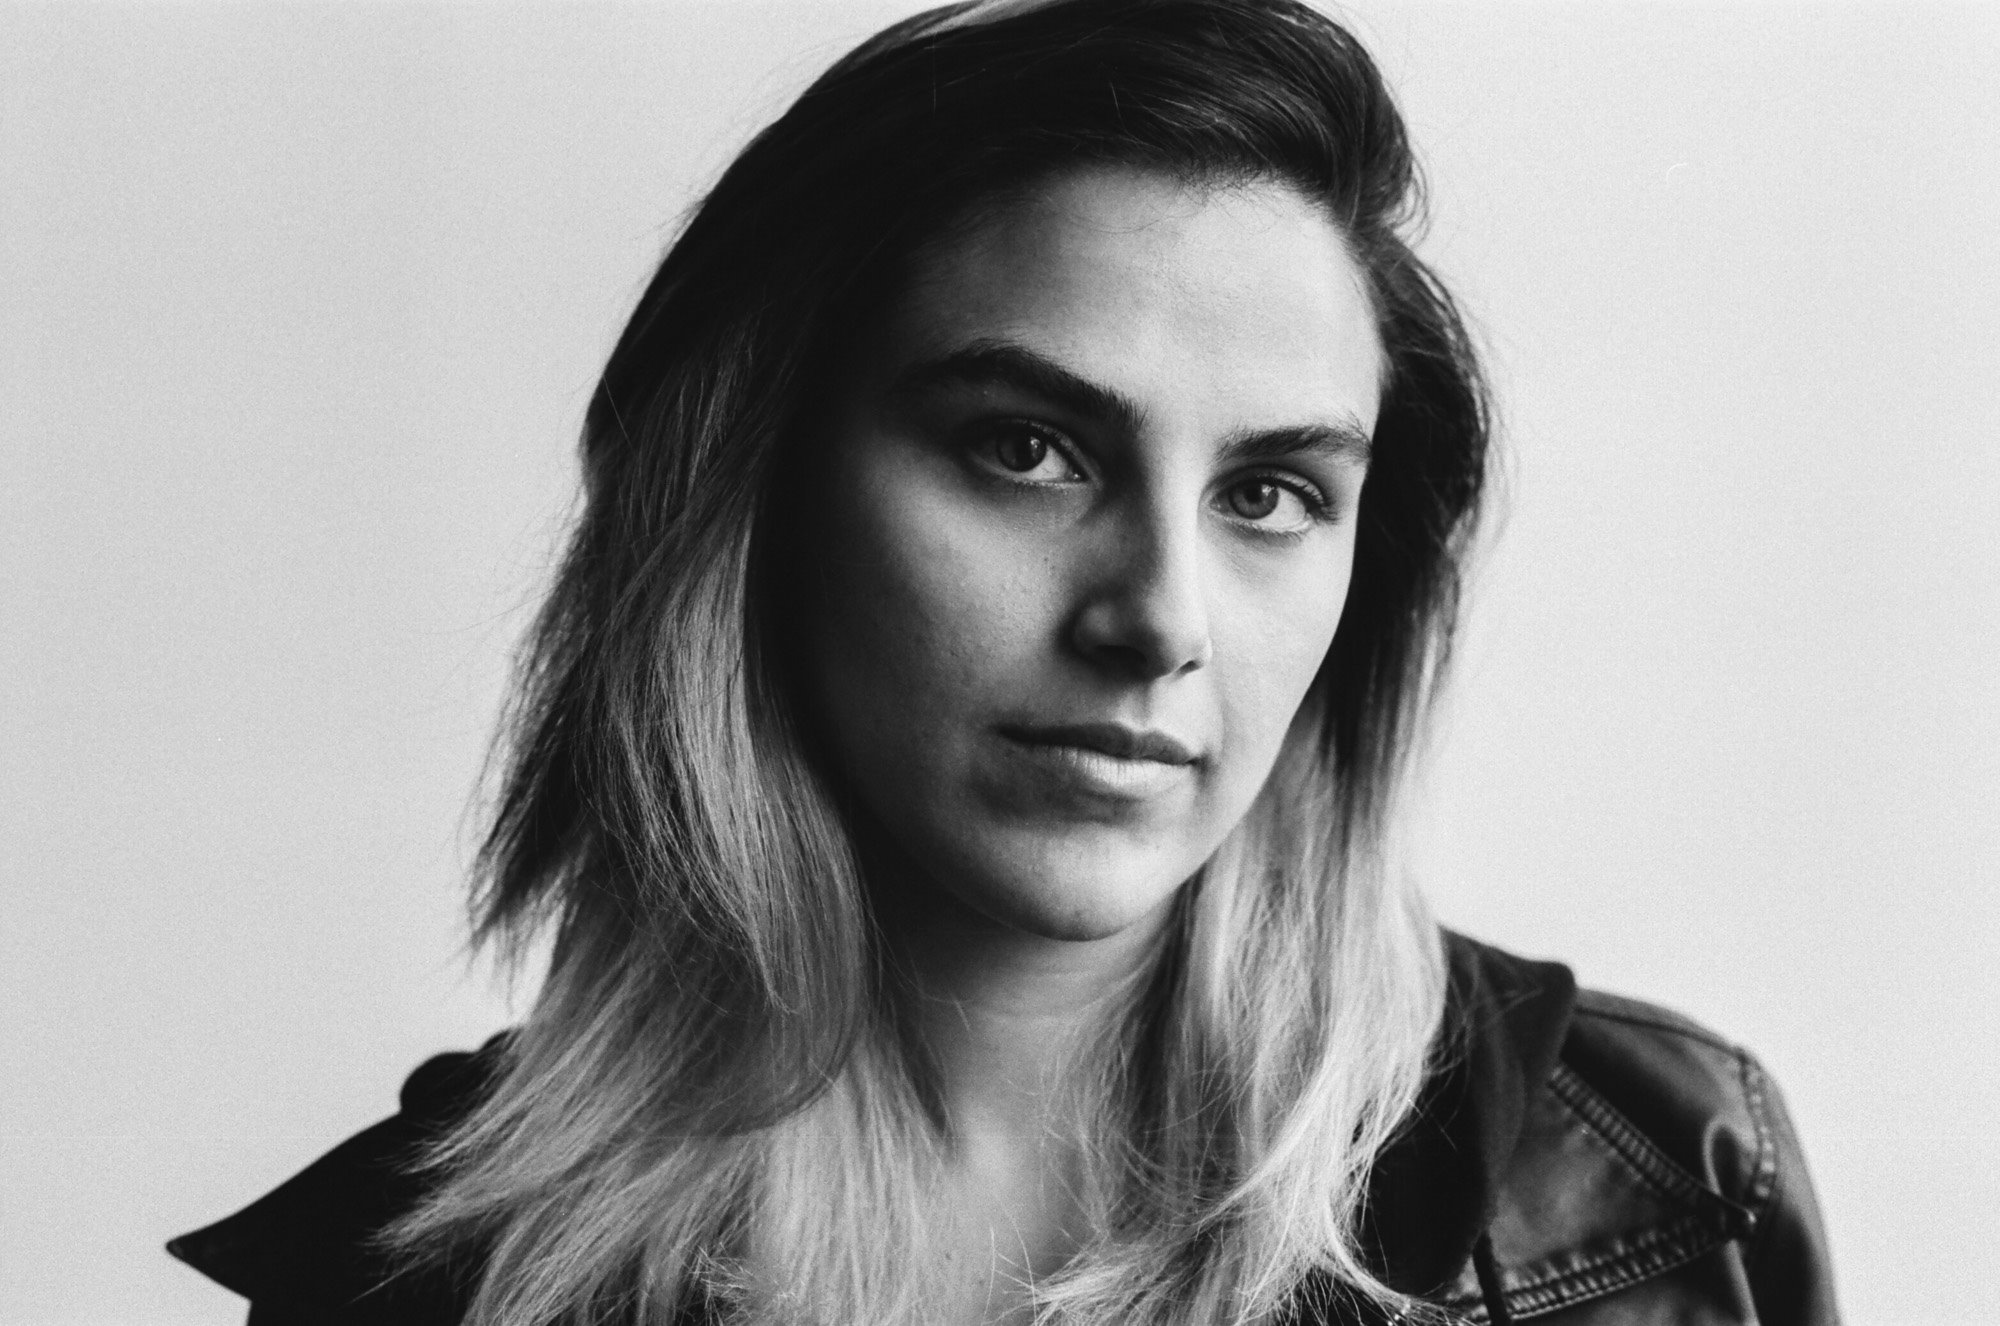 Natasha Kermani